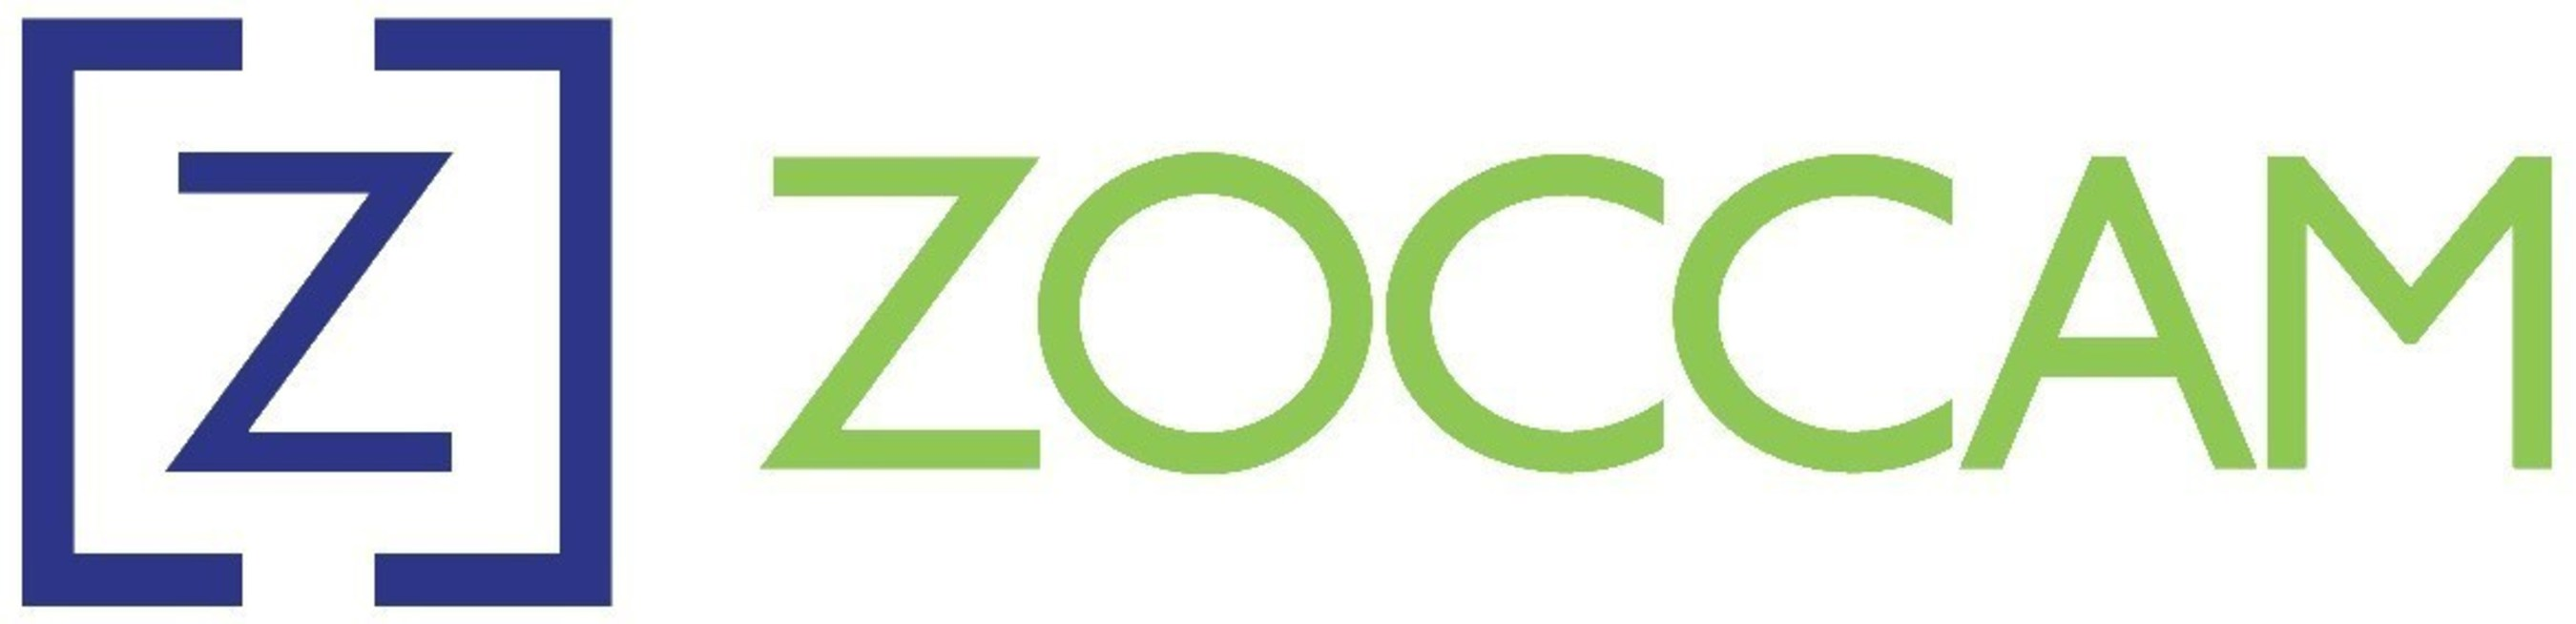 ZOCCAM logo (PRNewsFoto/ZOCCAM)